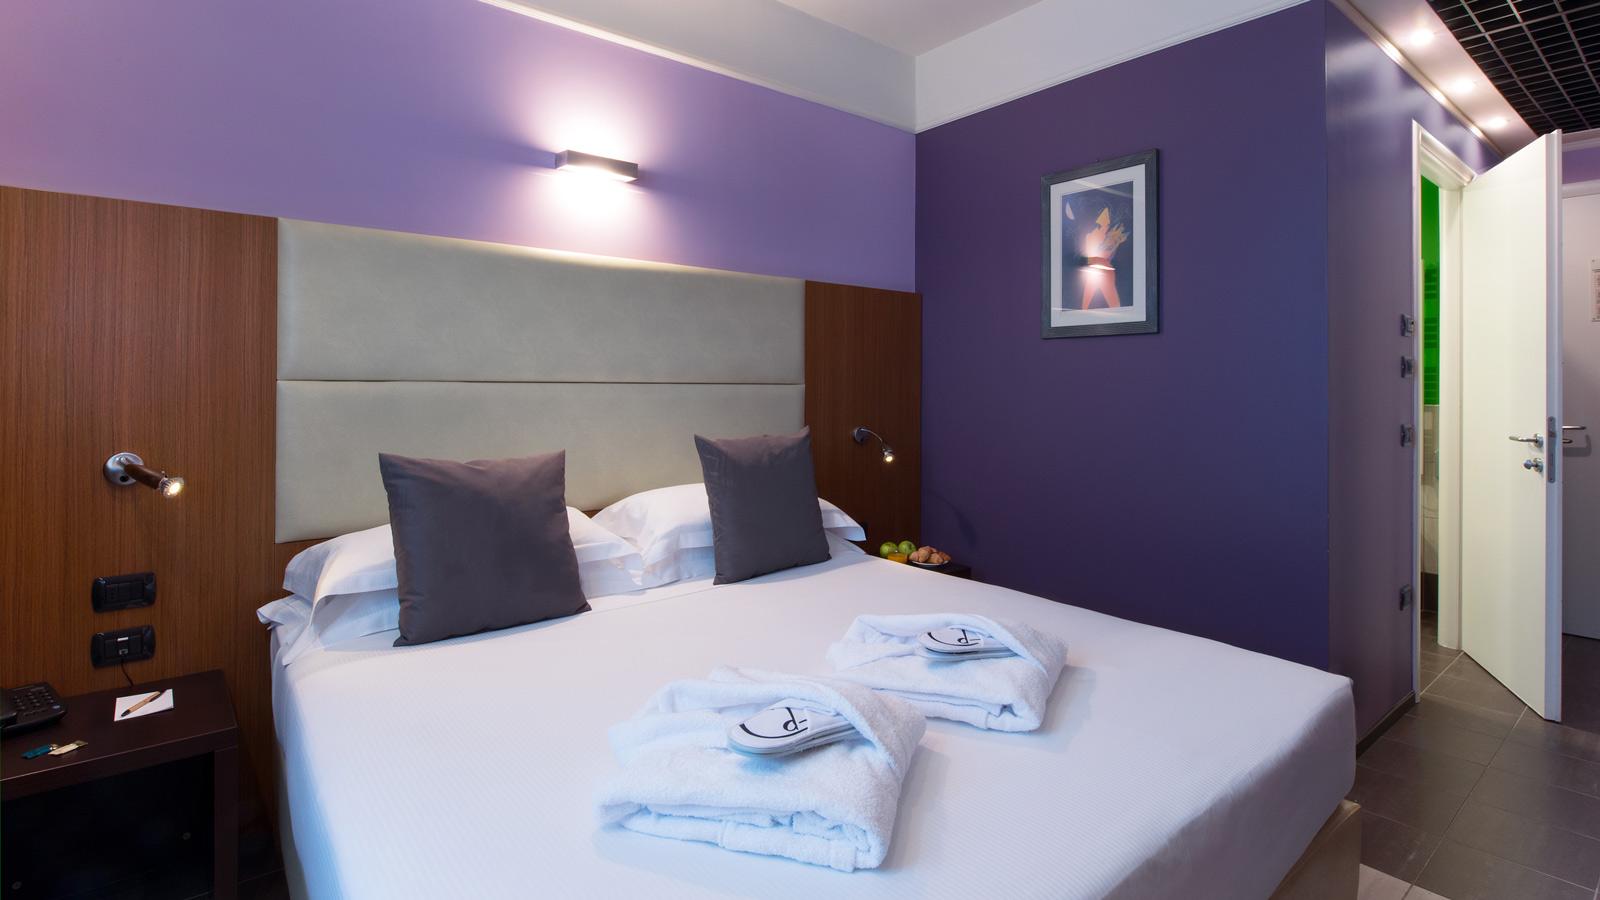 Cogli al volo le offerte dell hotel 4 stelle a bologna cdh for Hotel bologna borgo panigale